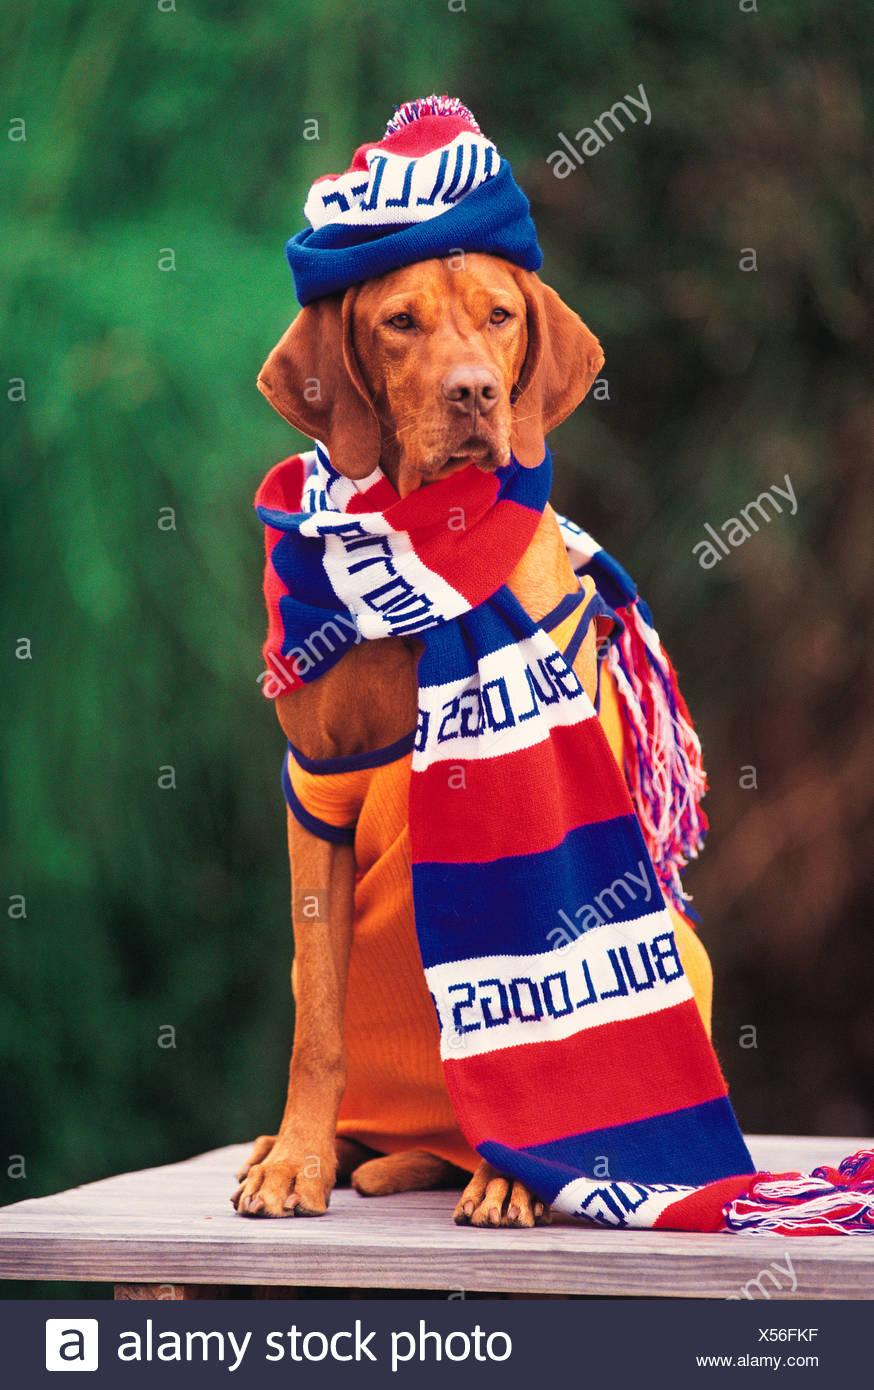 Ungarischer Visla Hund in Fußball Team Unterstützer Kleider angezogen. Humor-Konzept. Stockbild